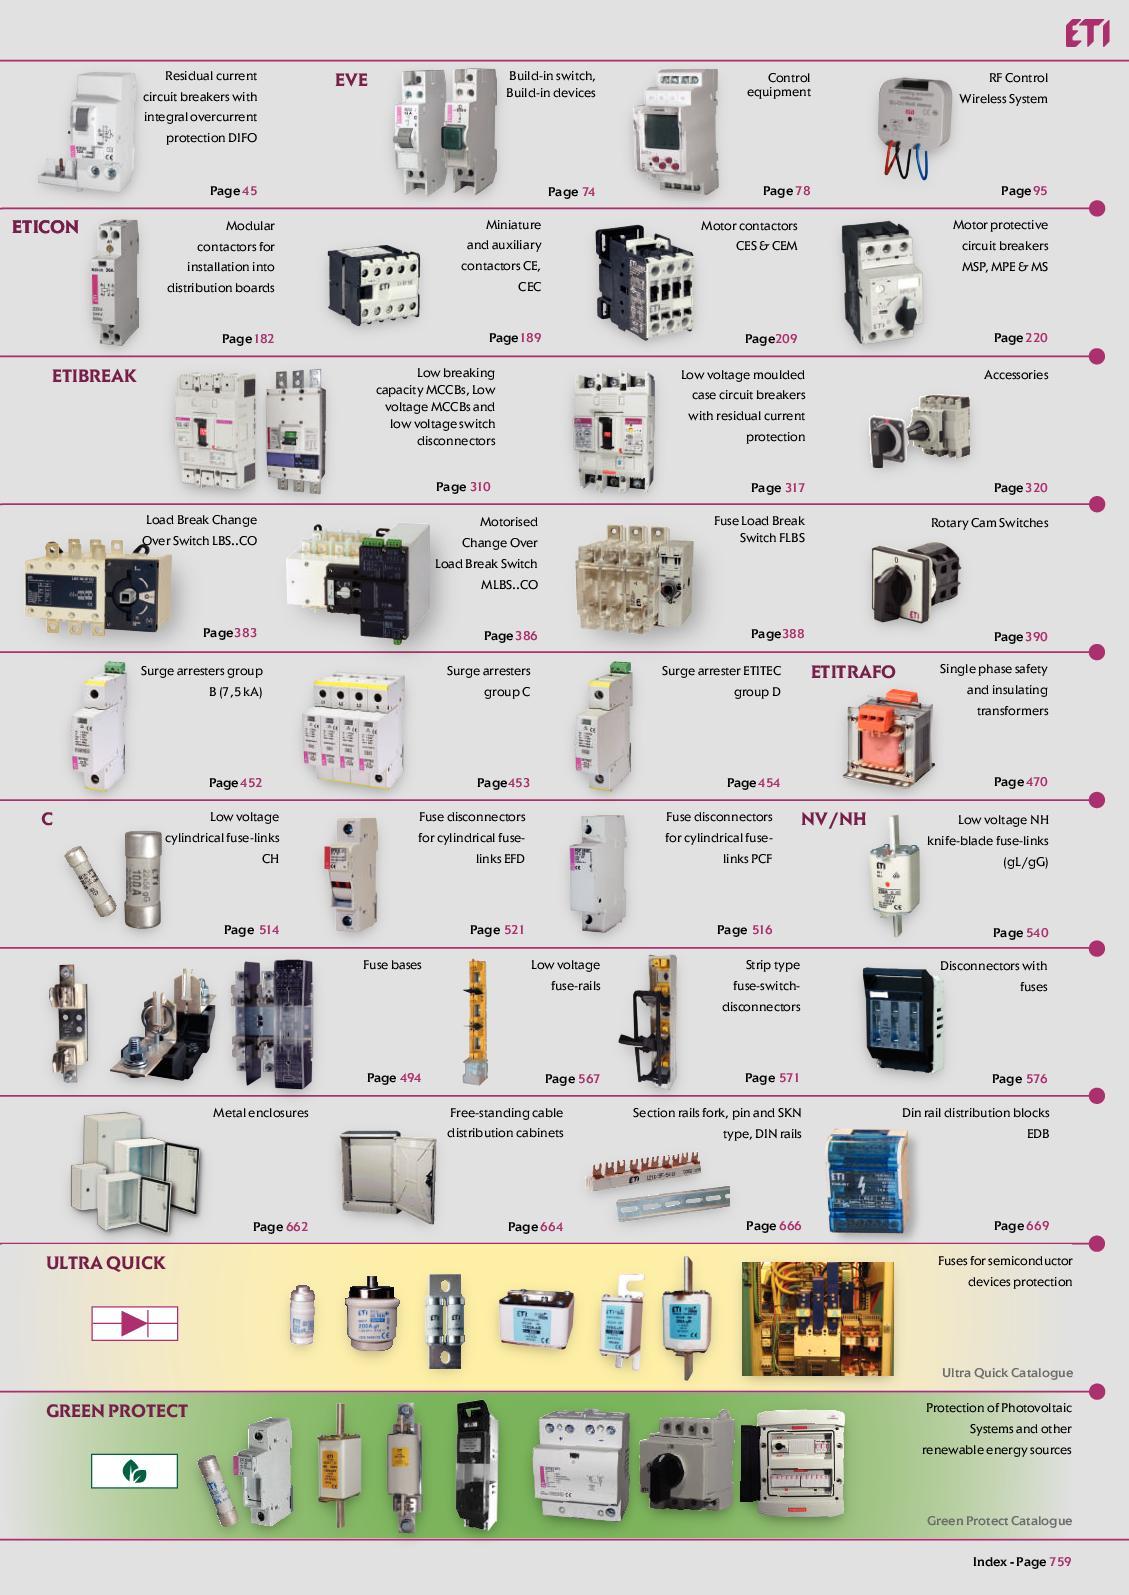 Calamo Catlogo Geral Eti S 10 220 440 Wiring Schematics